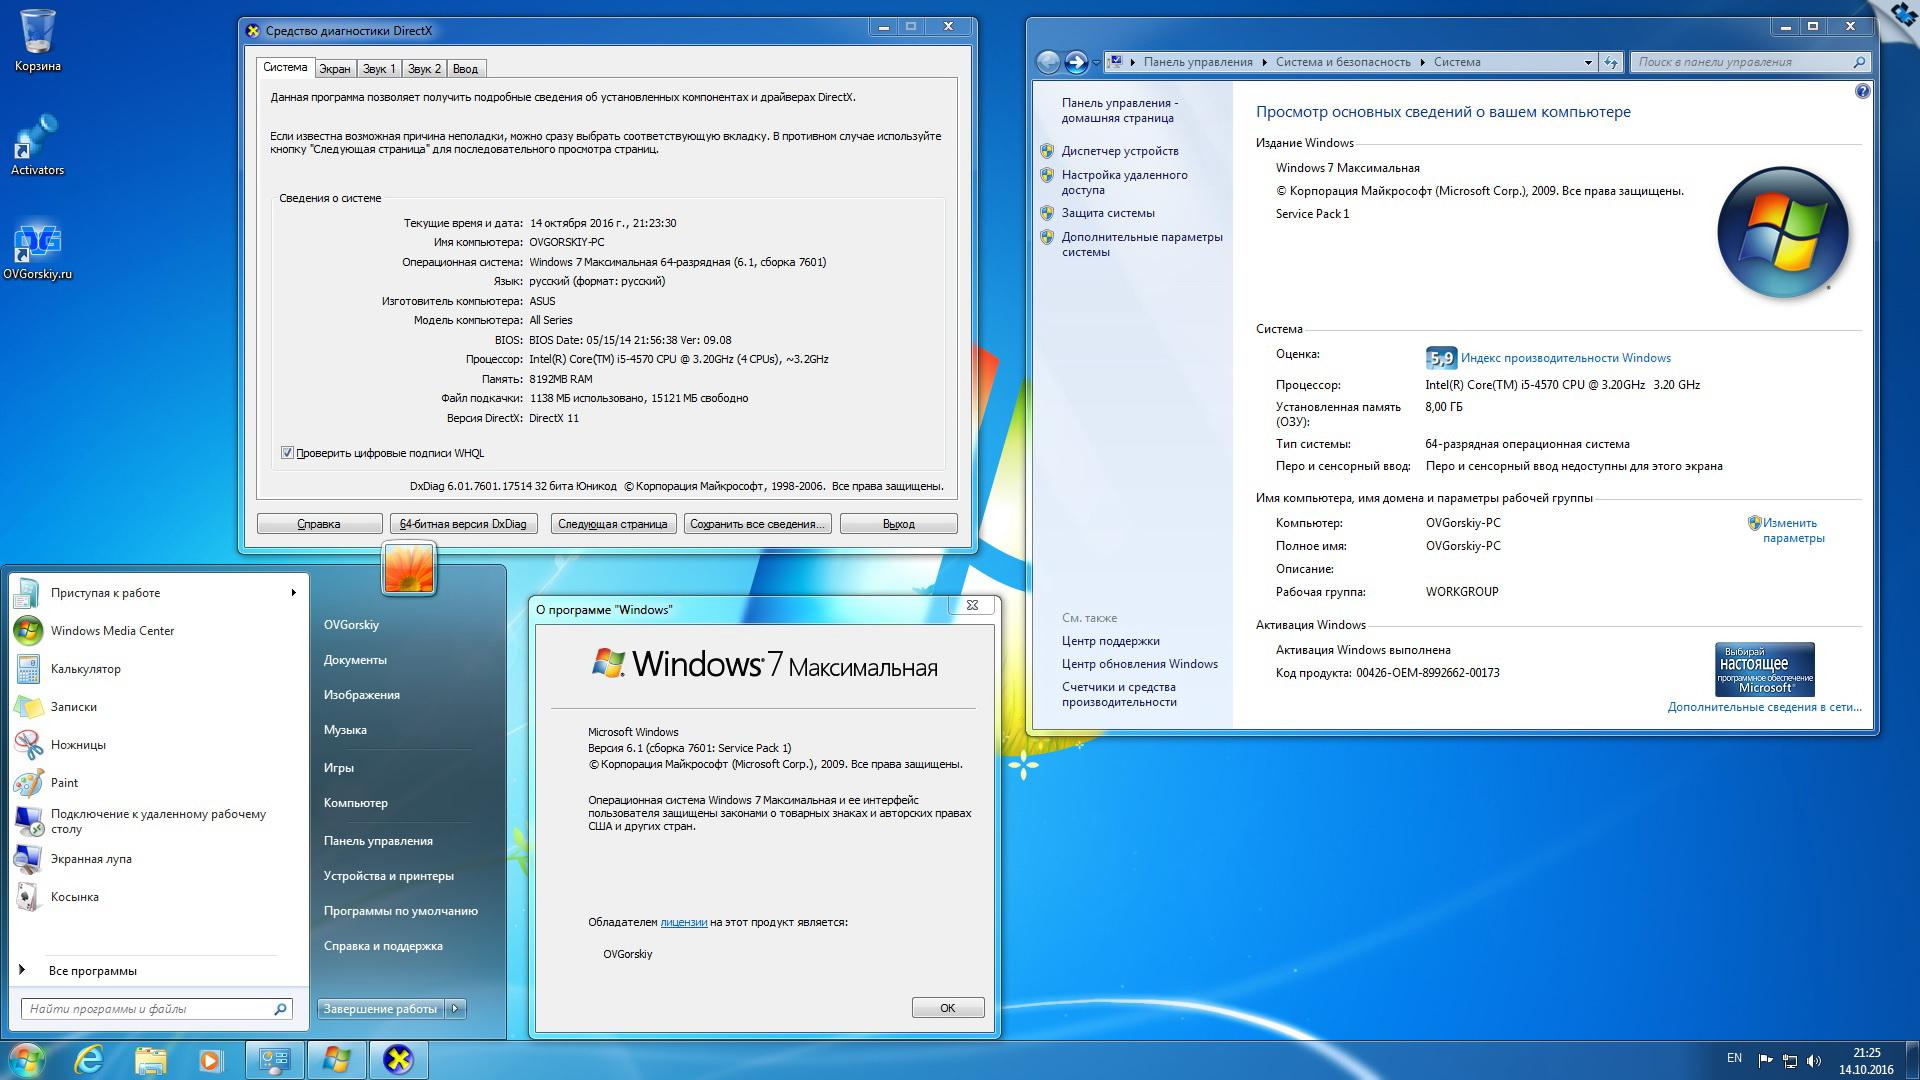 Бесплатно ос windows 8 enterprise.